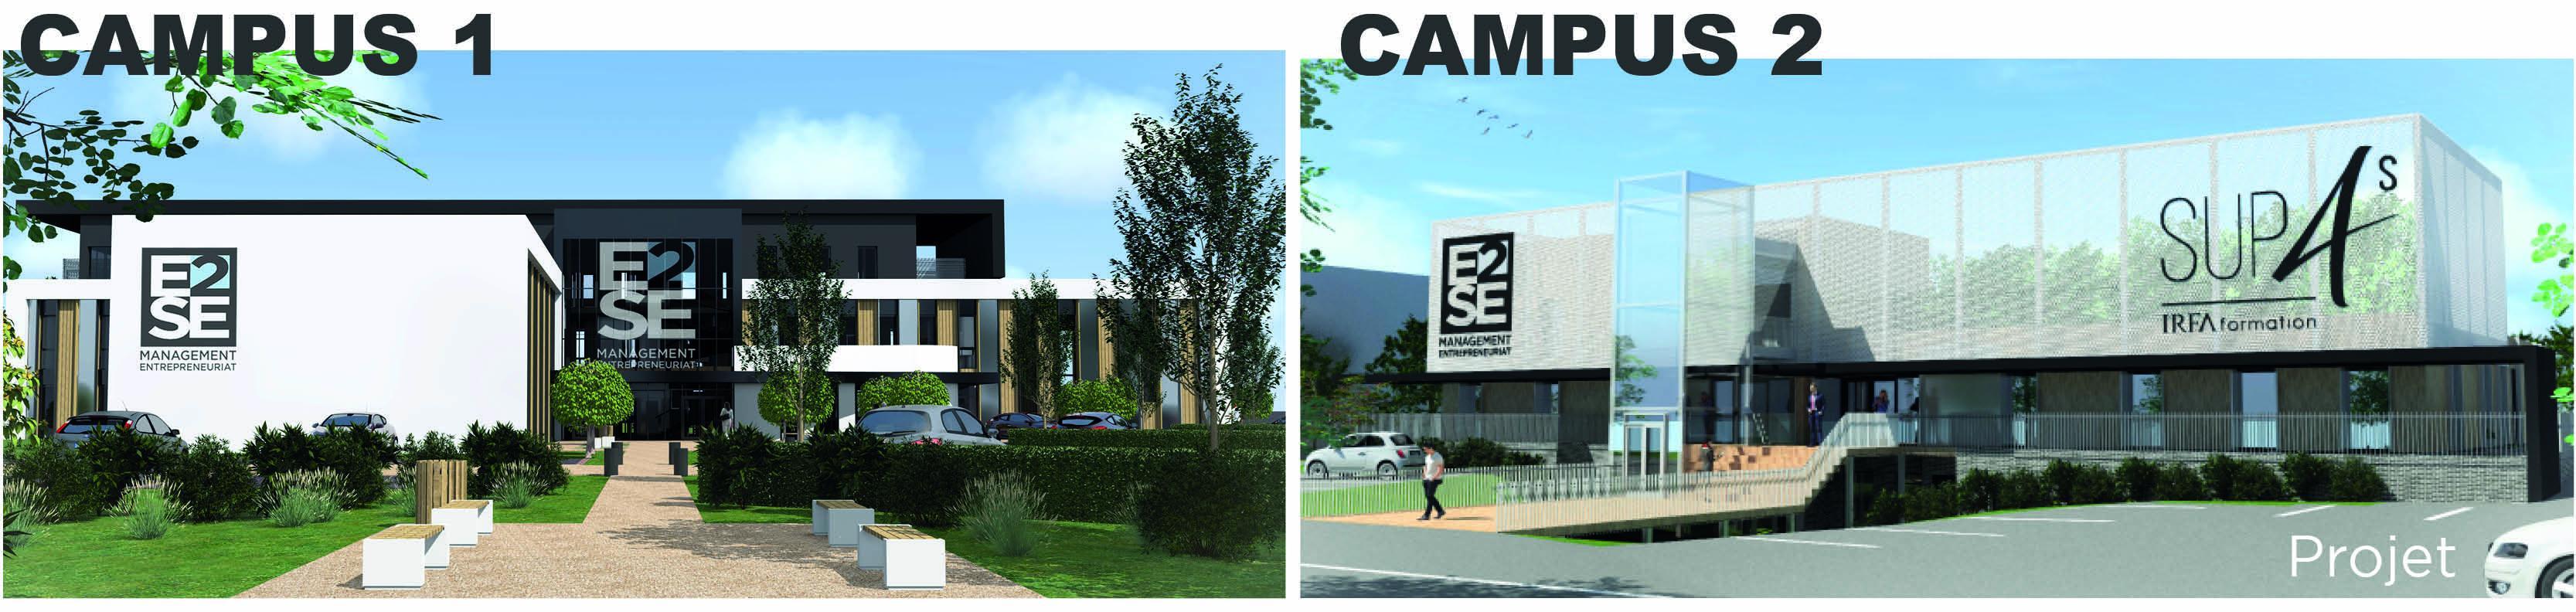 Evolution-campus